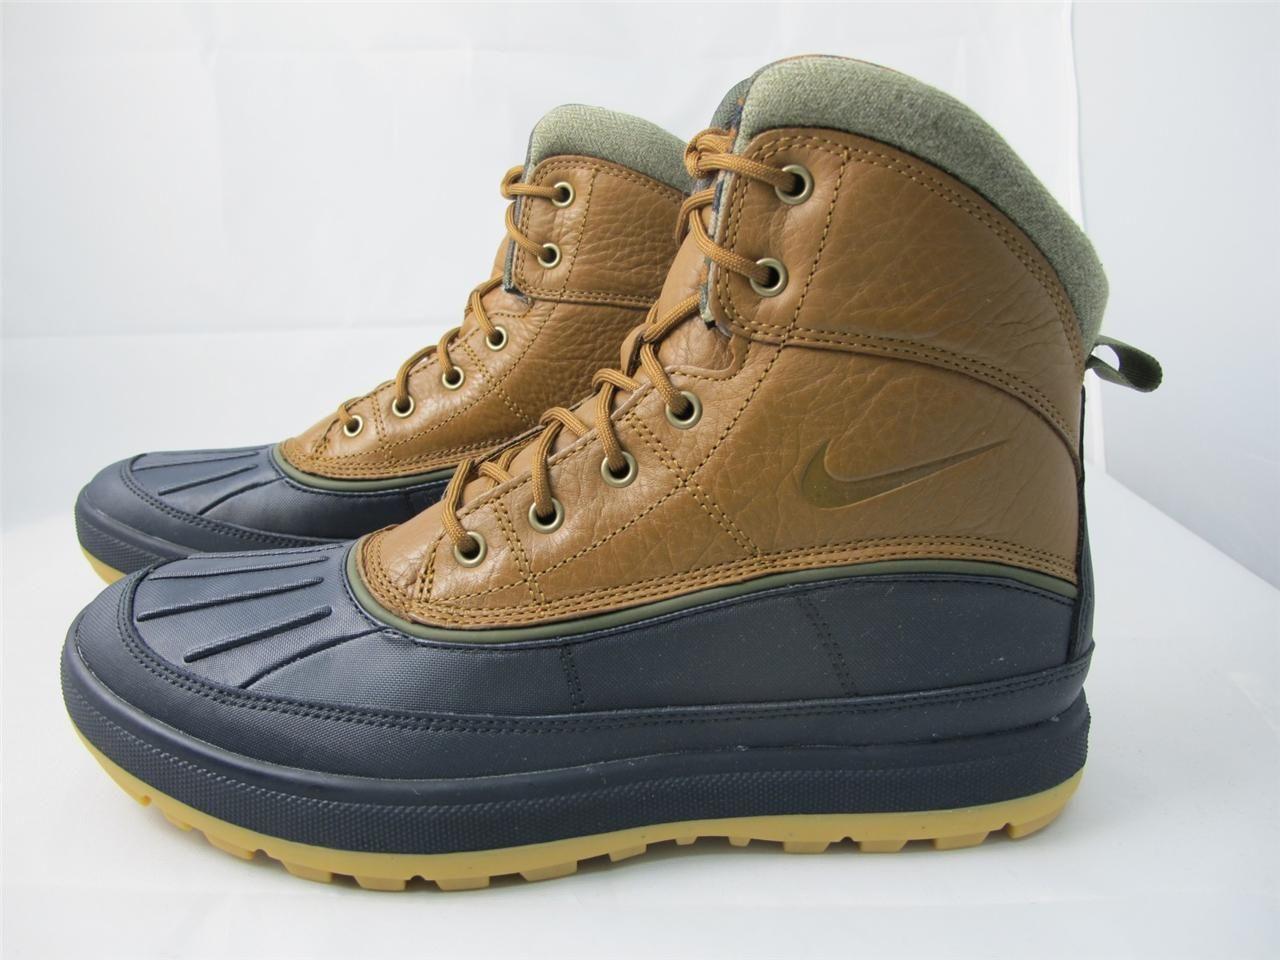 Nike Acg Woodside Boots 2013 Nike acg woodside boots nike